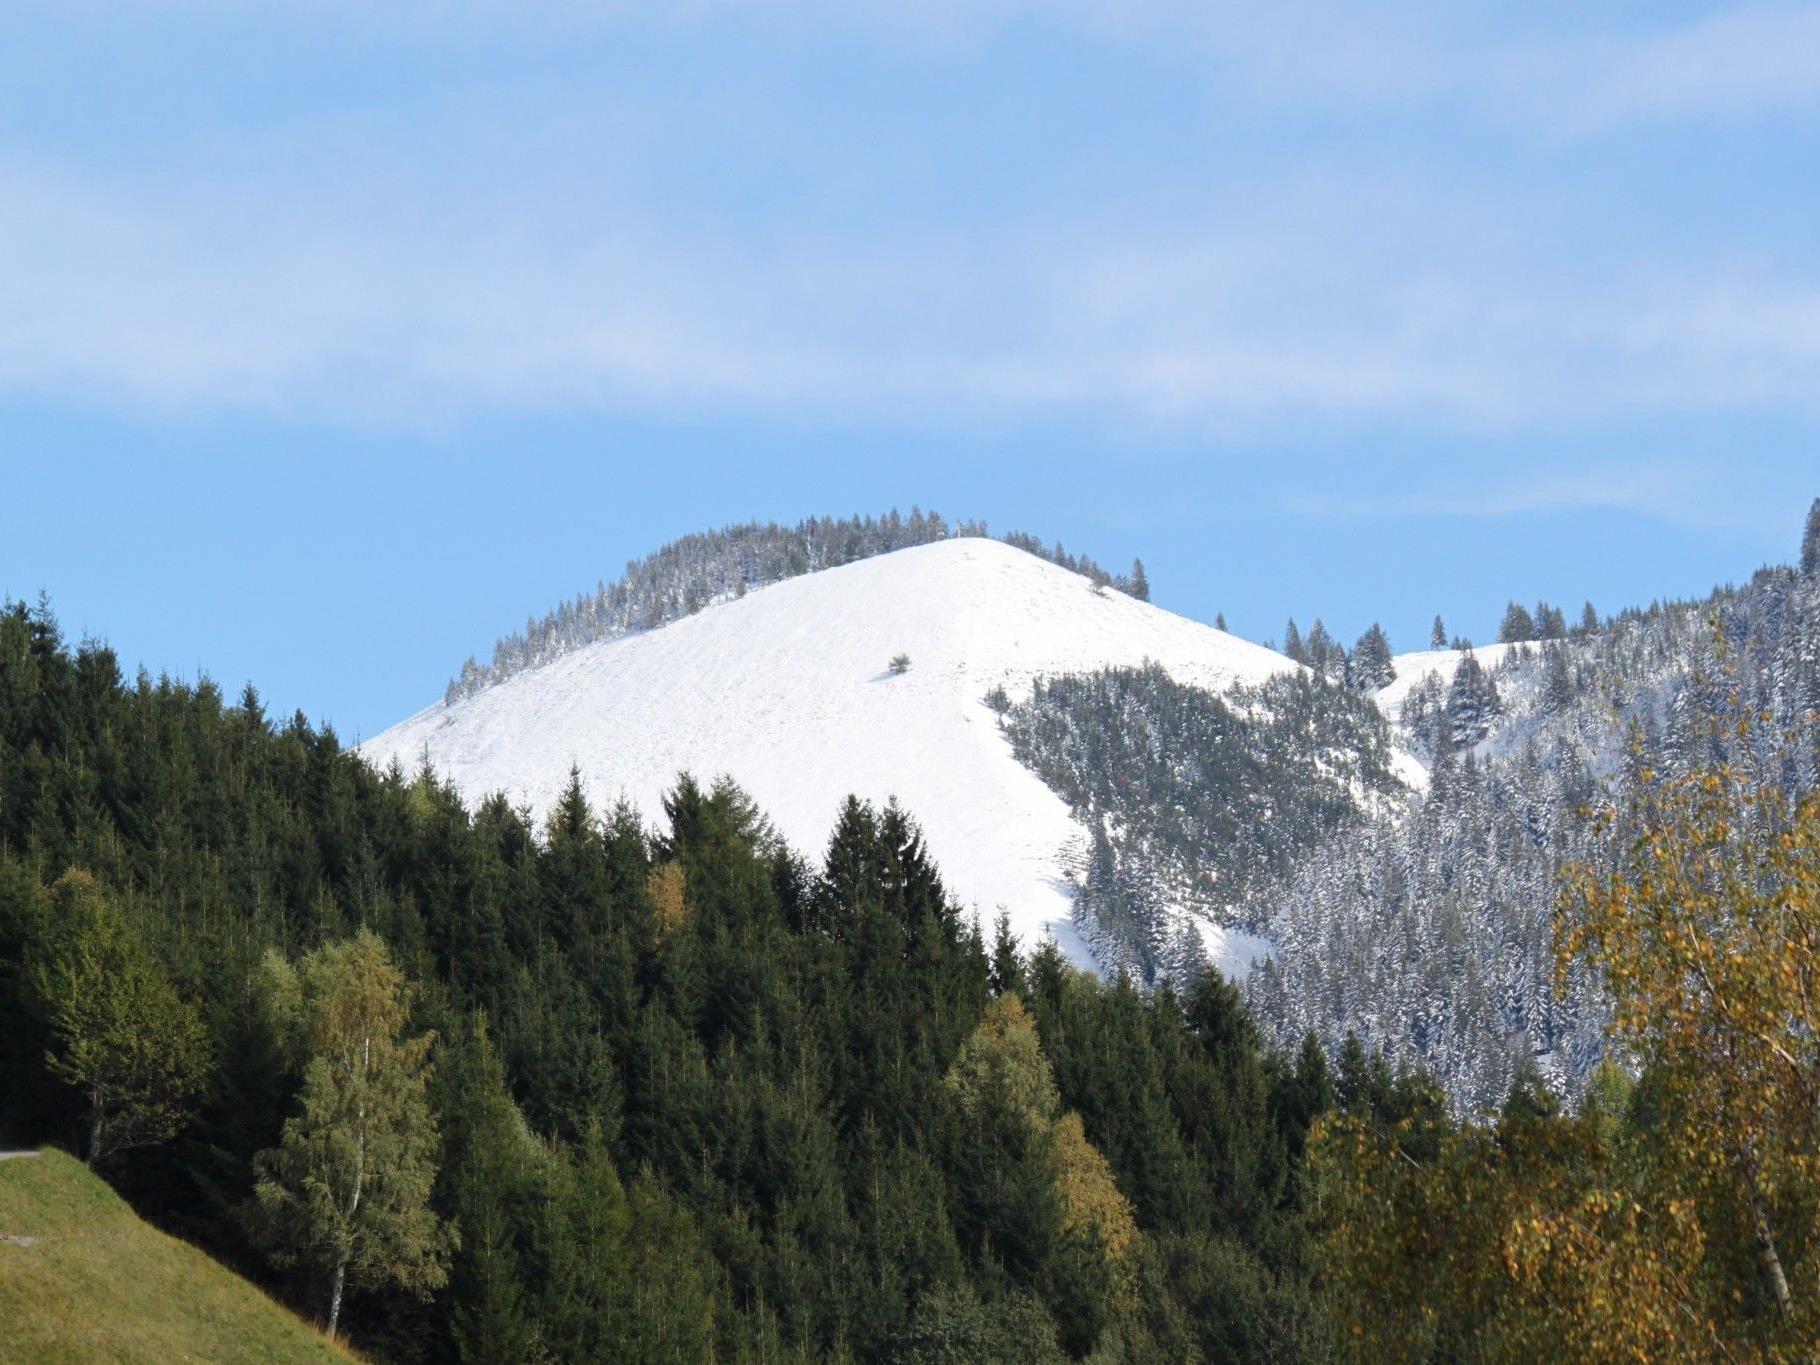 Erster Schneefall in dieser Herbst-Wintersaison am Fraxner First und Umgebung am Montag, 15. Oktober 2012.